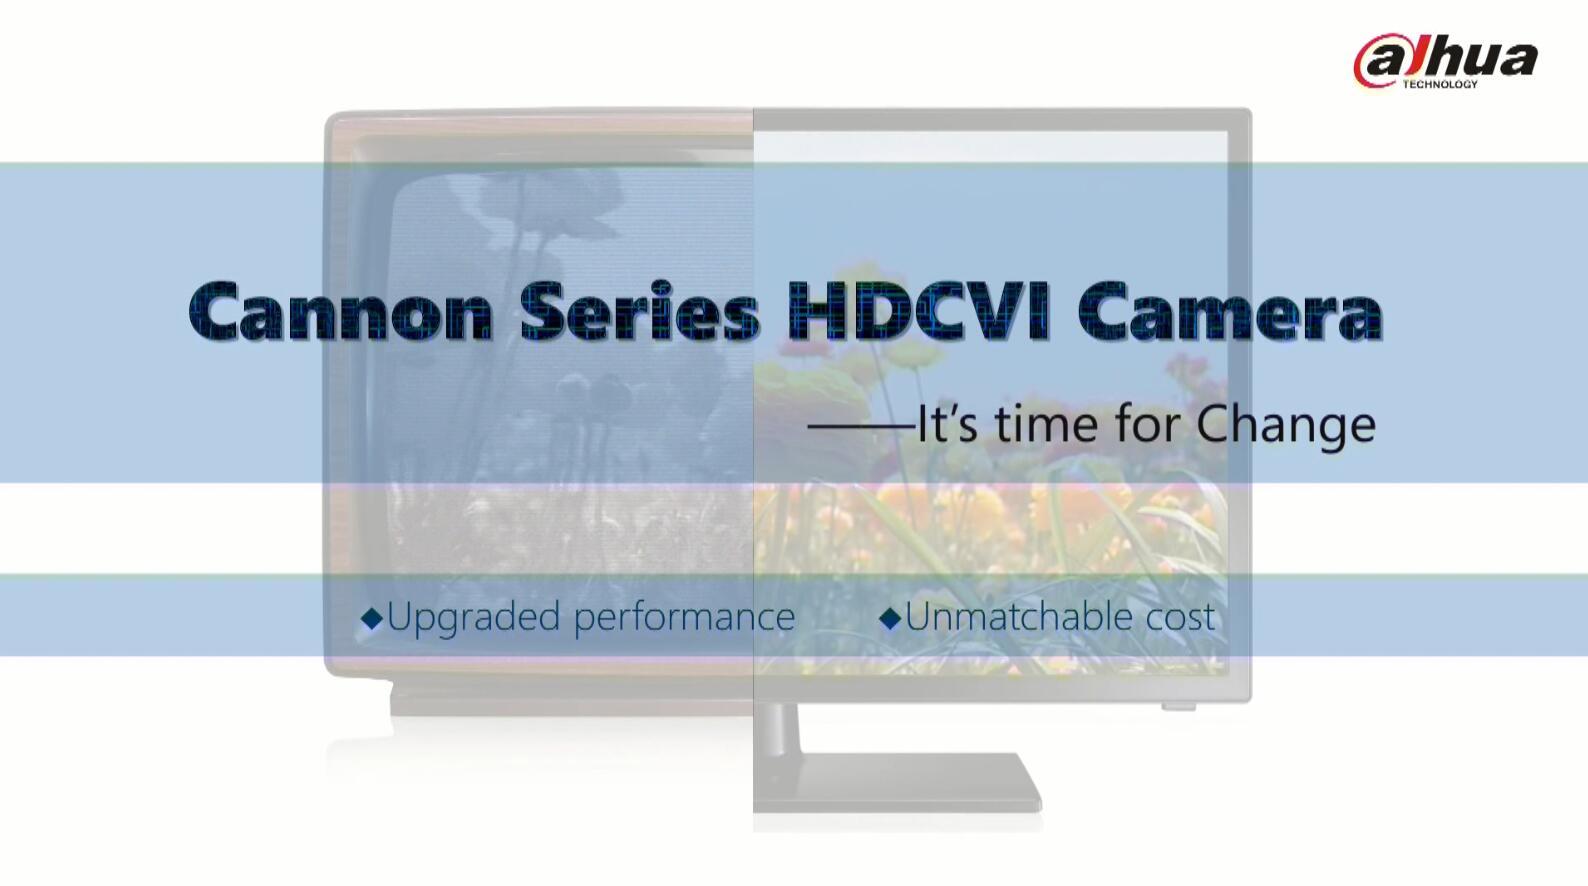 Cannon Series HDCVI Camera